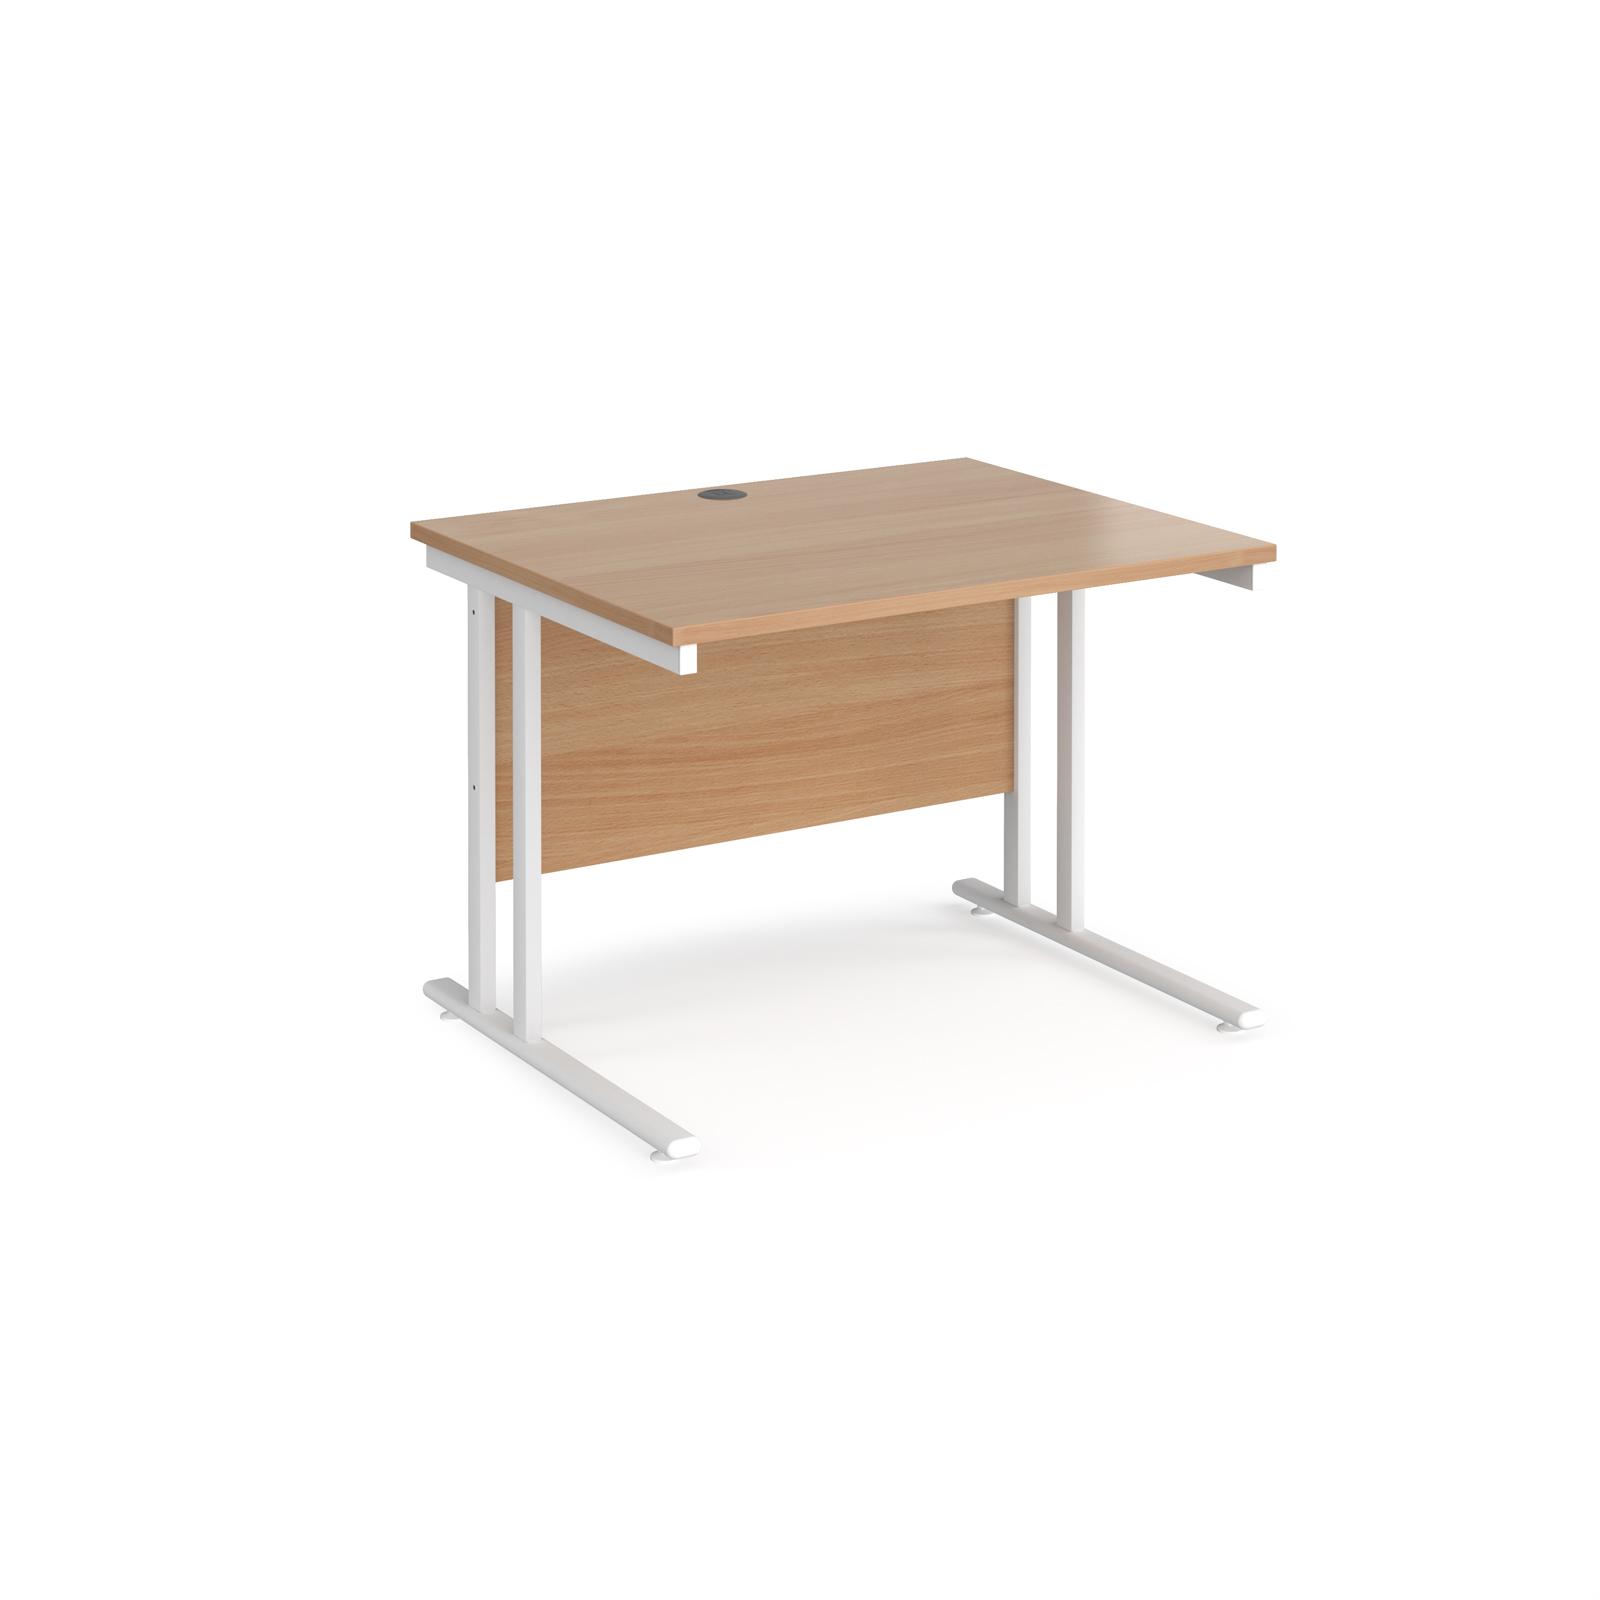 Rectangular Desks Maestro 25 straight desk 1000mm x 800mm - white cantilever leg frame, beech top